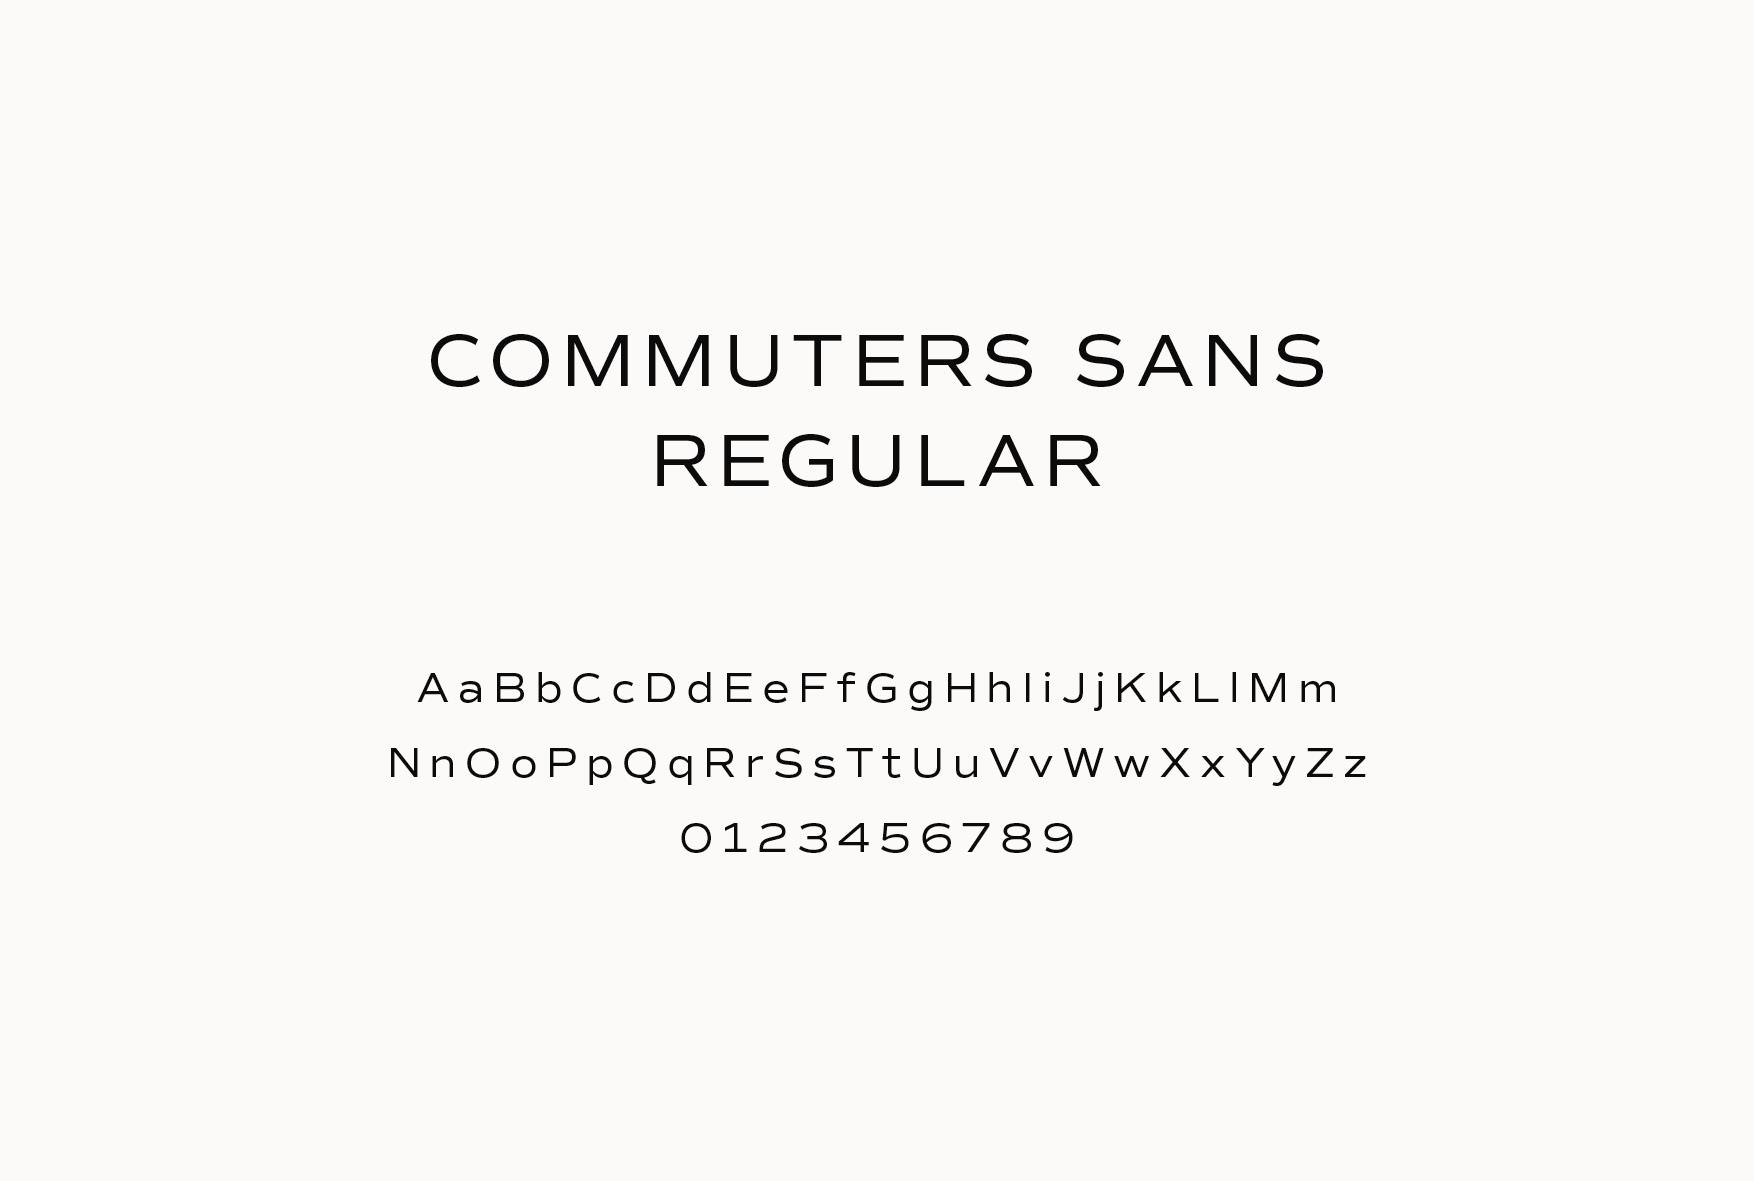 Goldoct-Marken-Typografie-Commuters-Sans